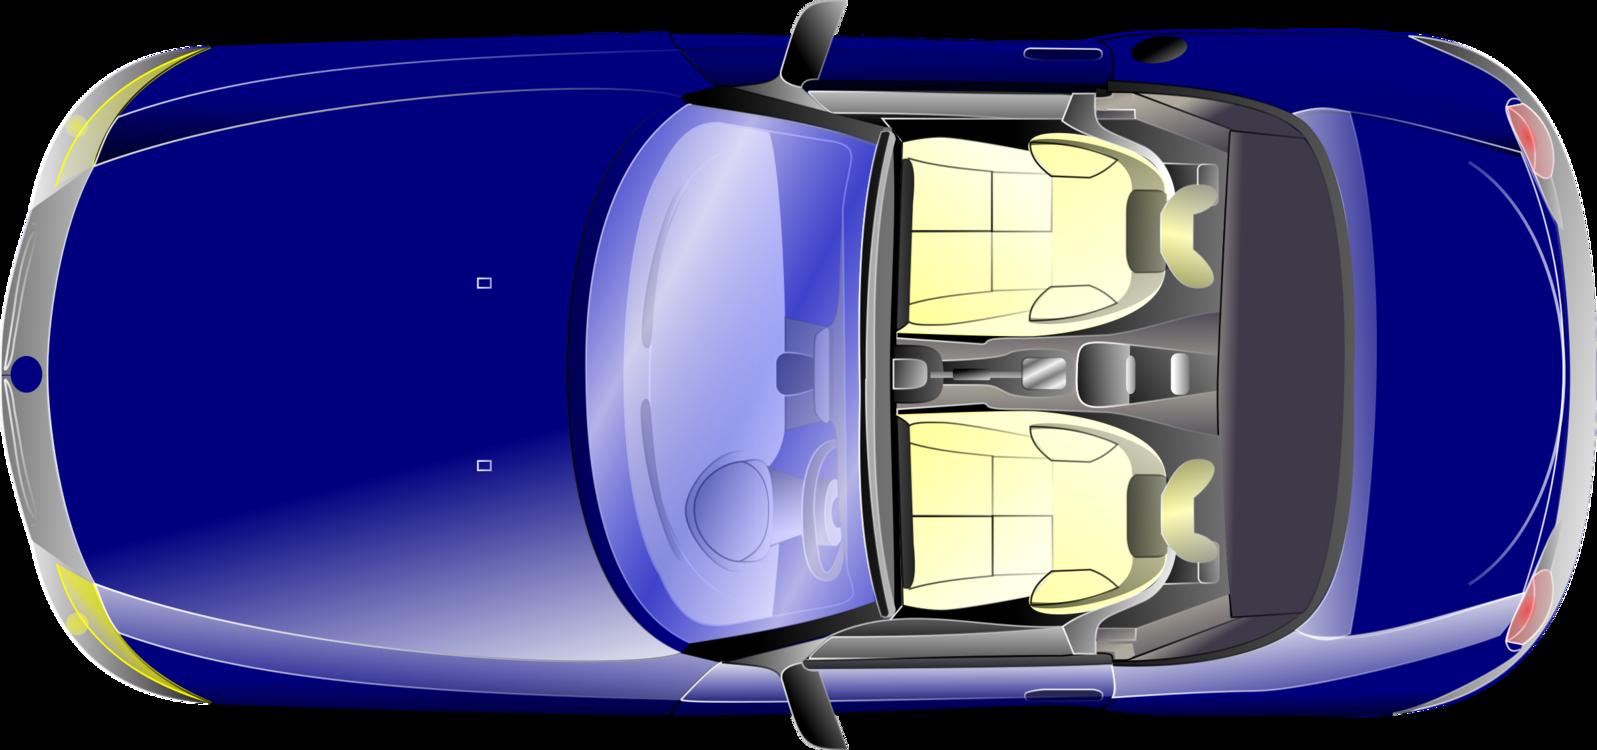 Blue,Compact Car,Car